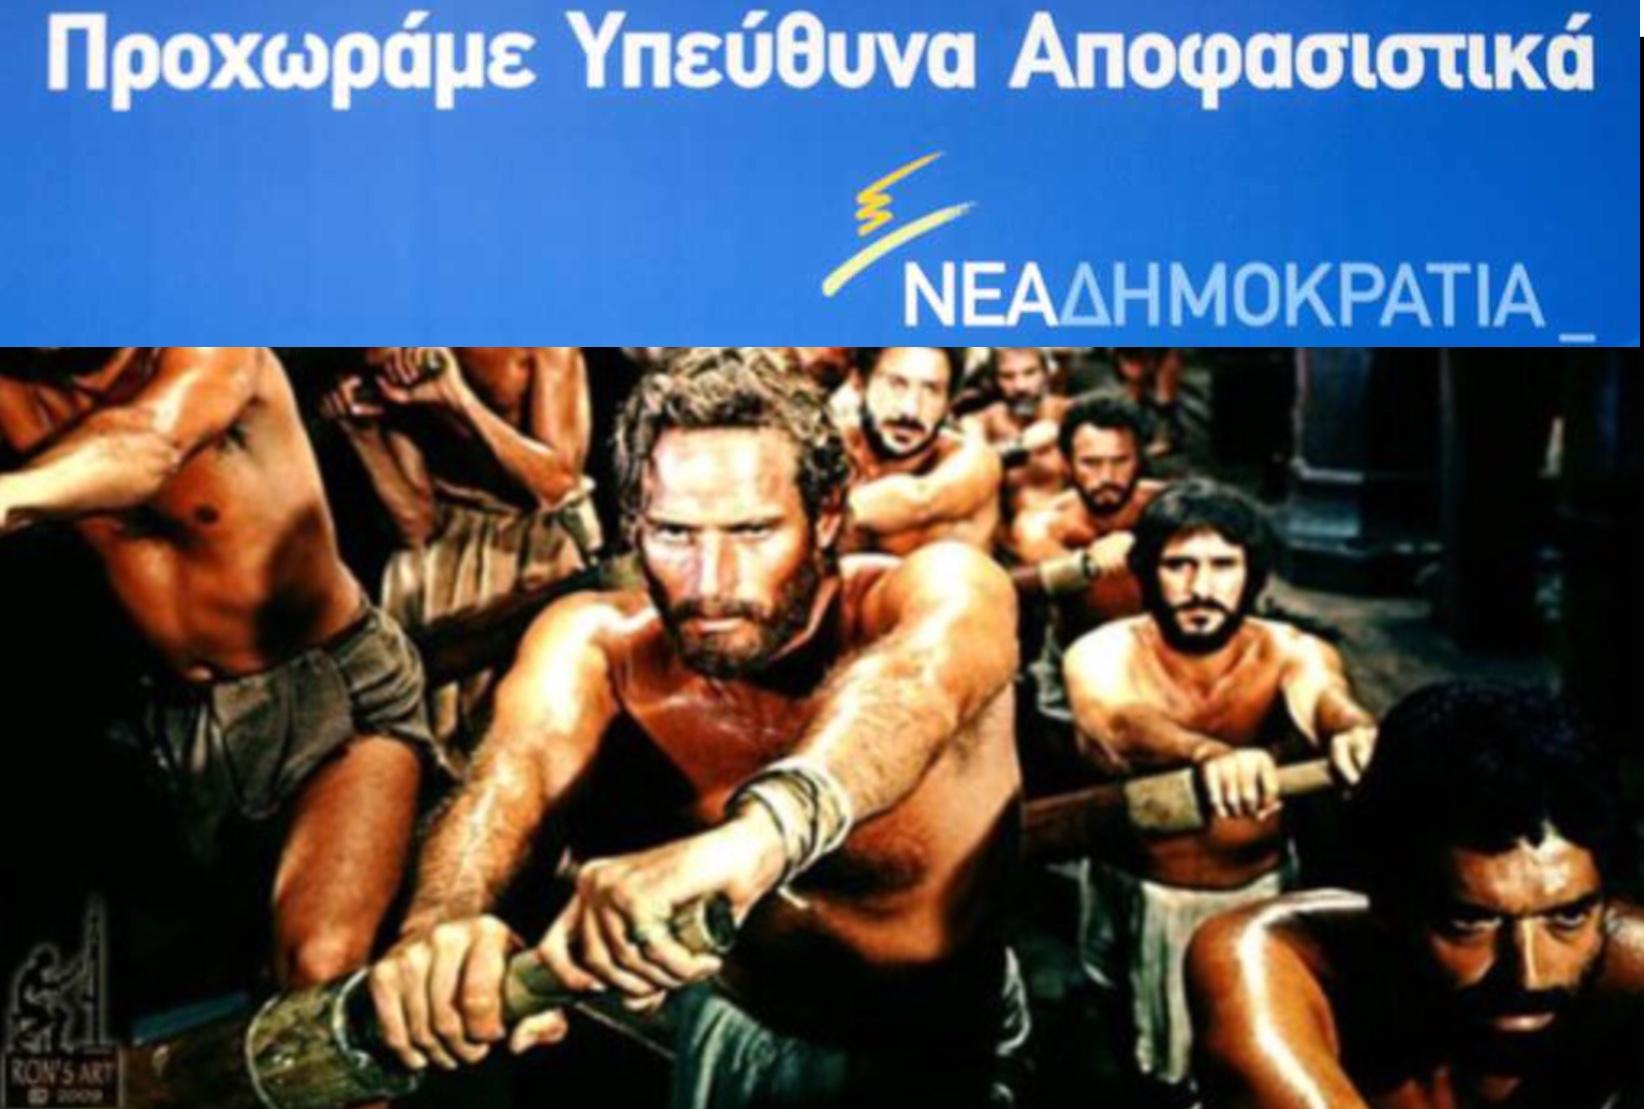 Μαξίμου: Μούτσος στα αμπάρια του ναρκοπλοιου Noor1 ο Μητσοτάκης!